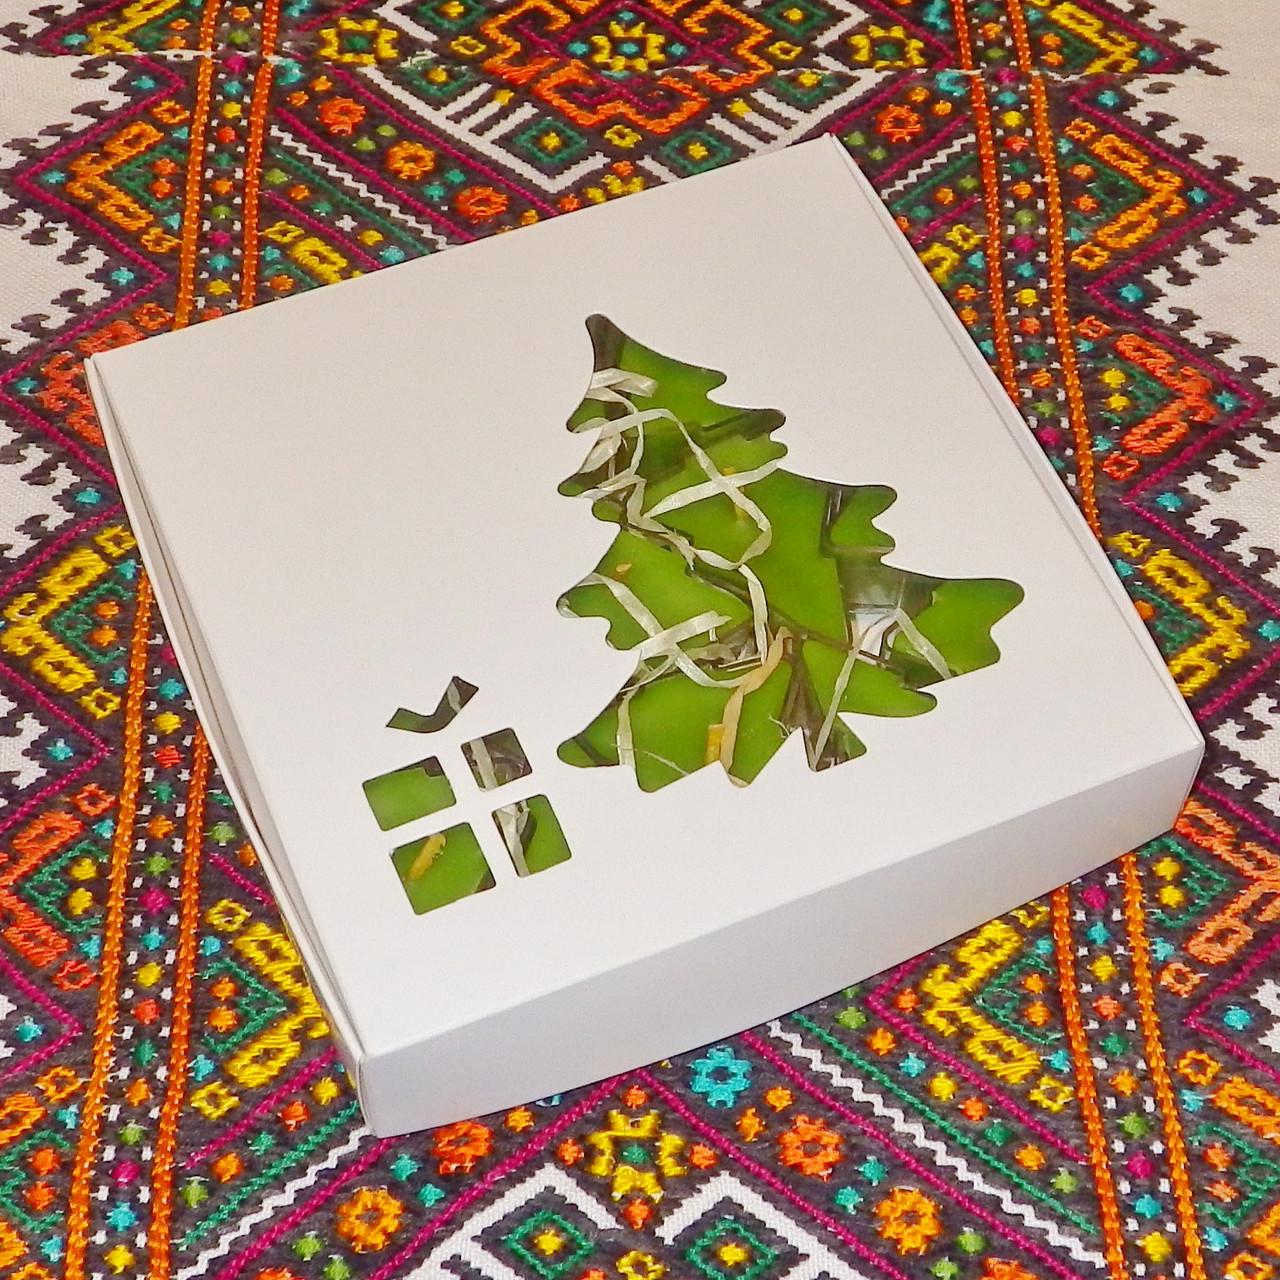 Новорічний набір чайних свічок воскових Ялинка (15шт.)